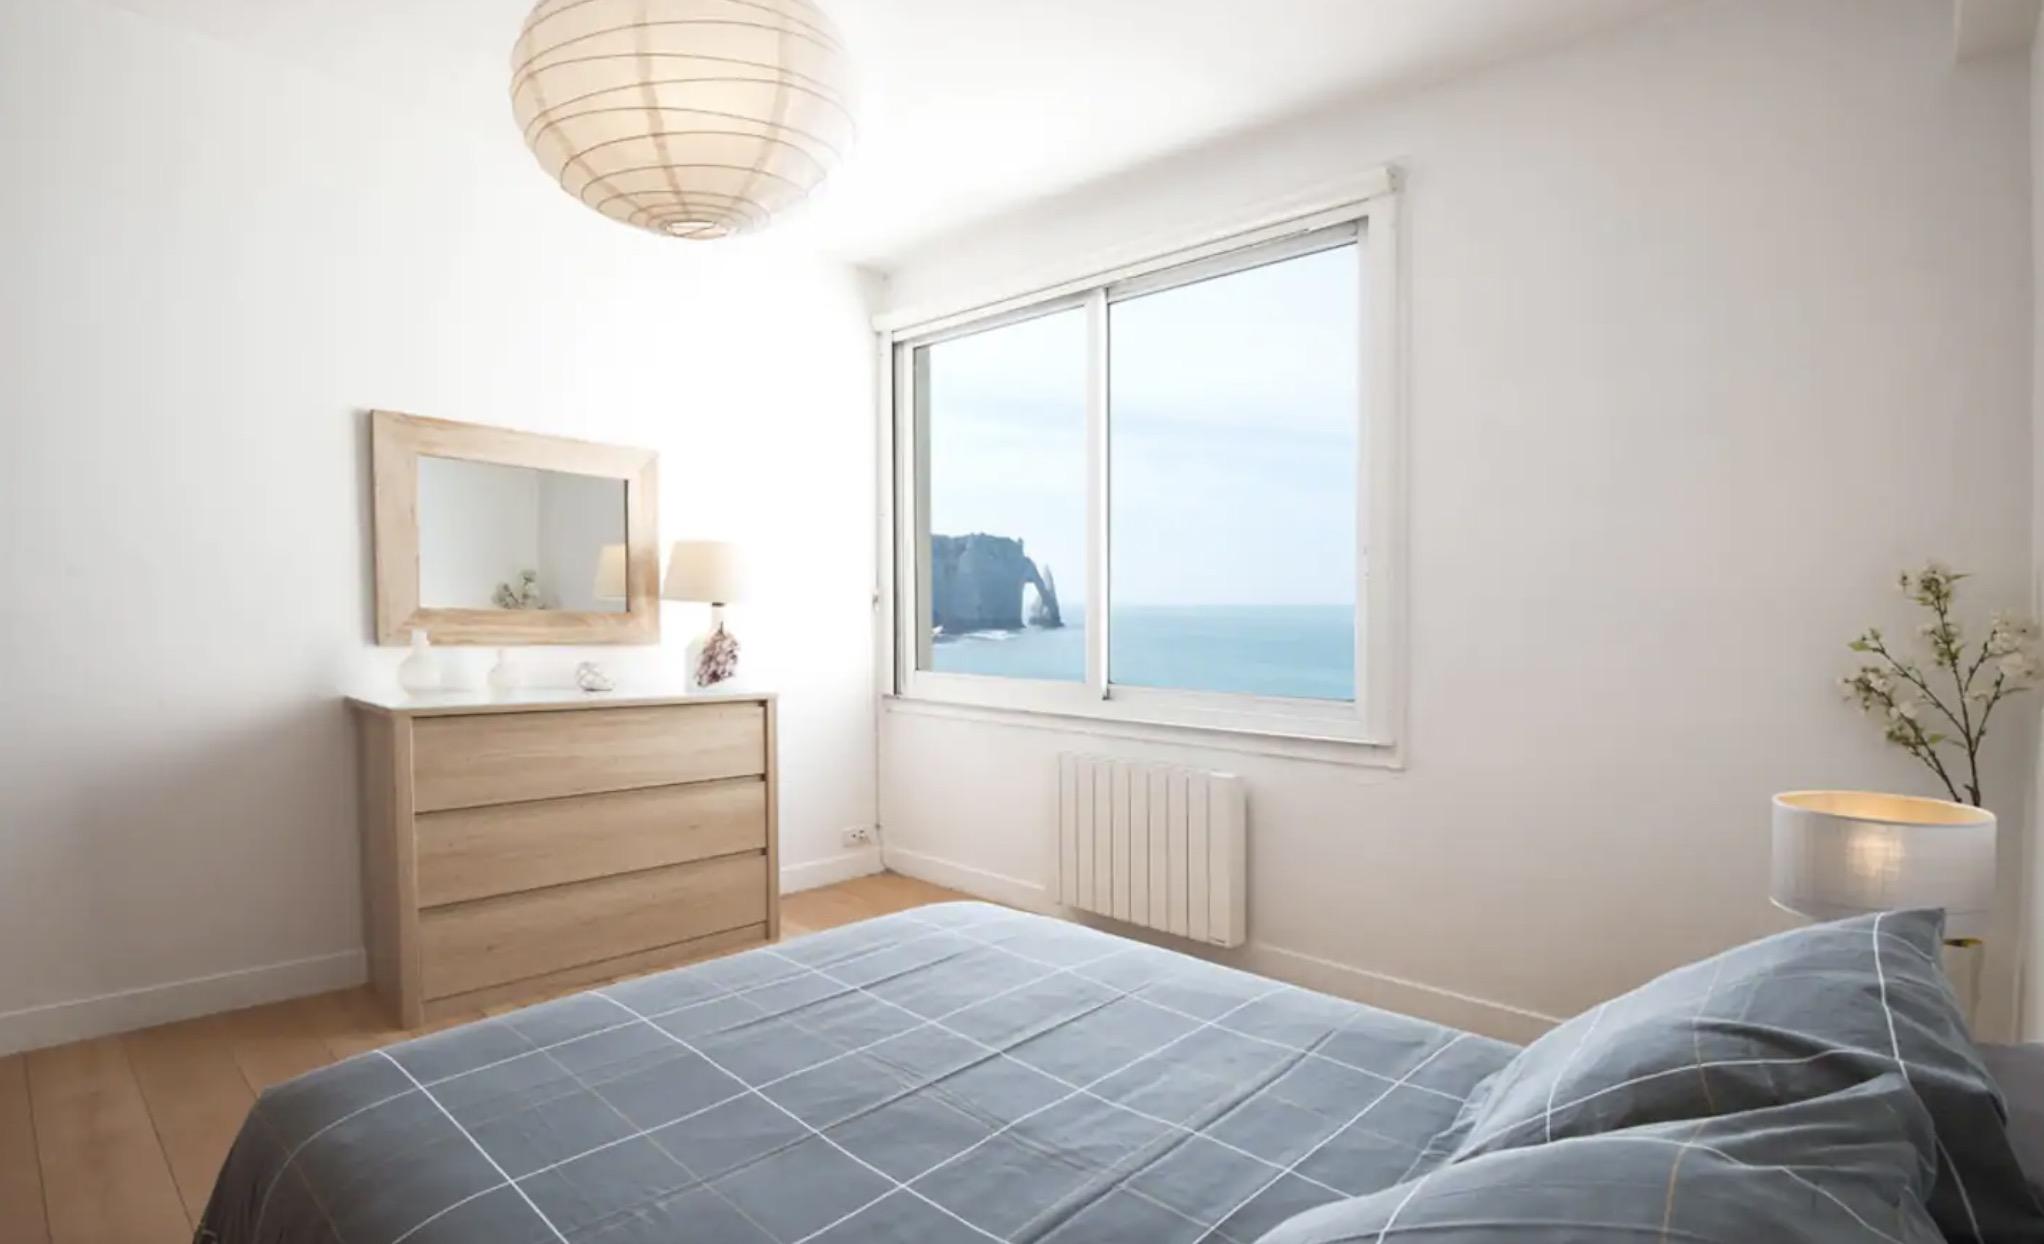 Appartement à Étretat avec vue sur mer et falaises